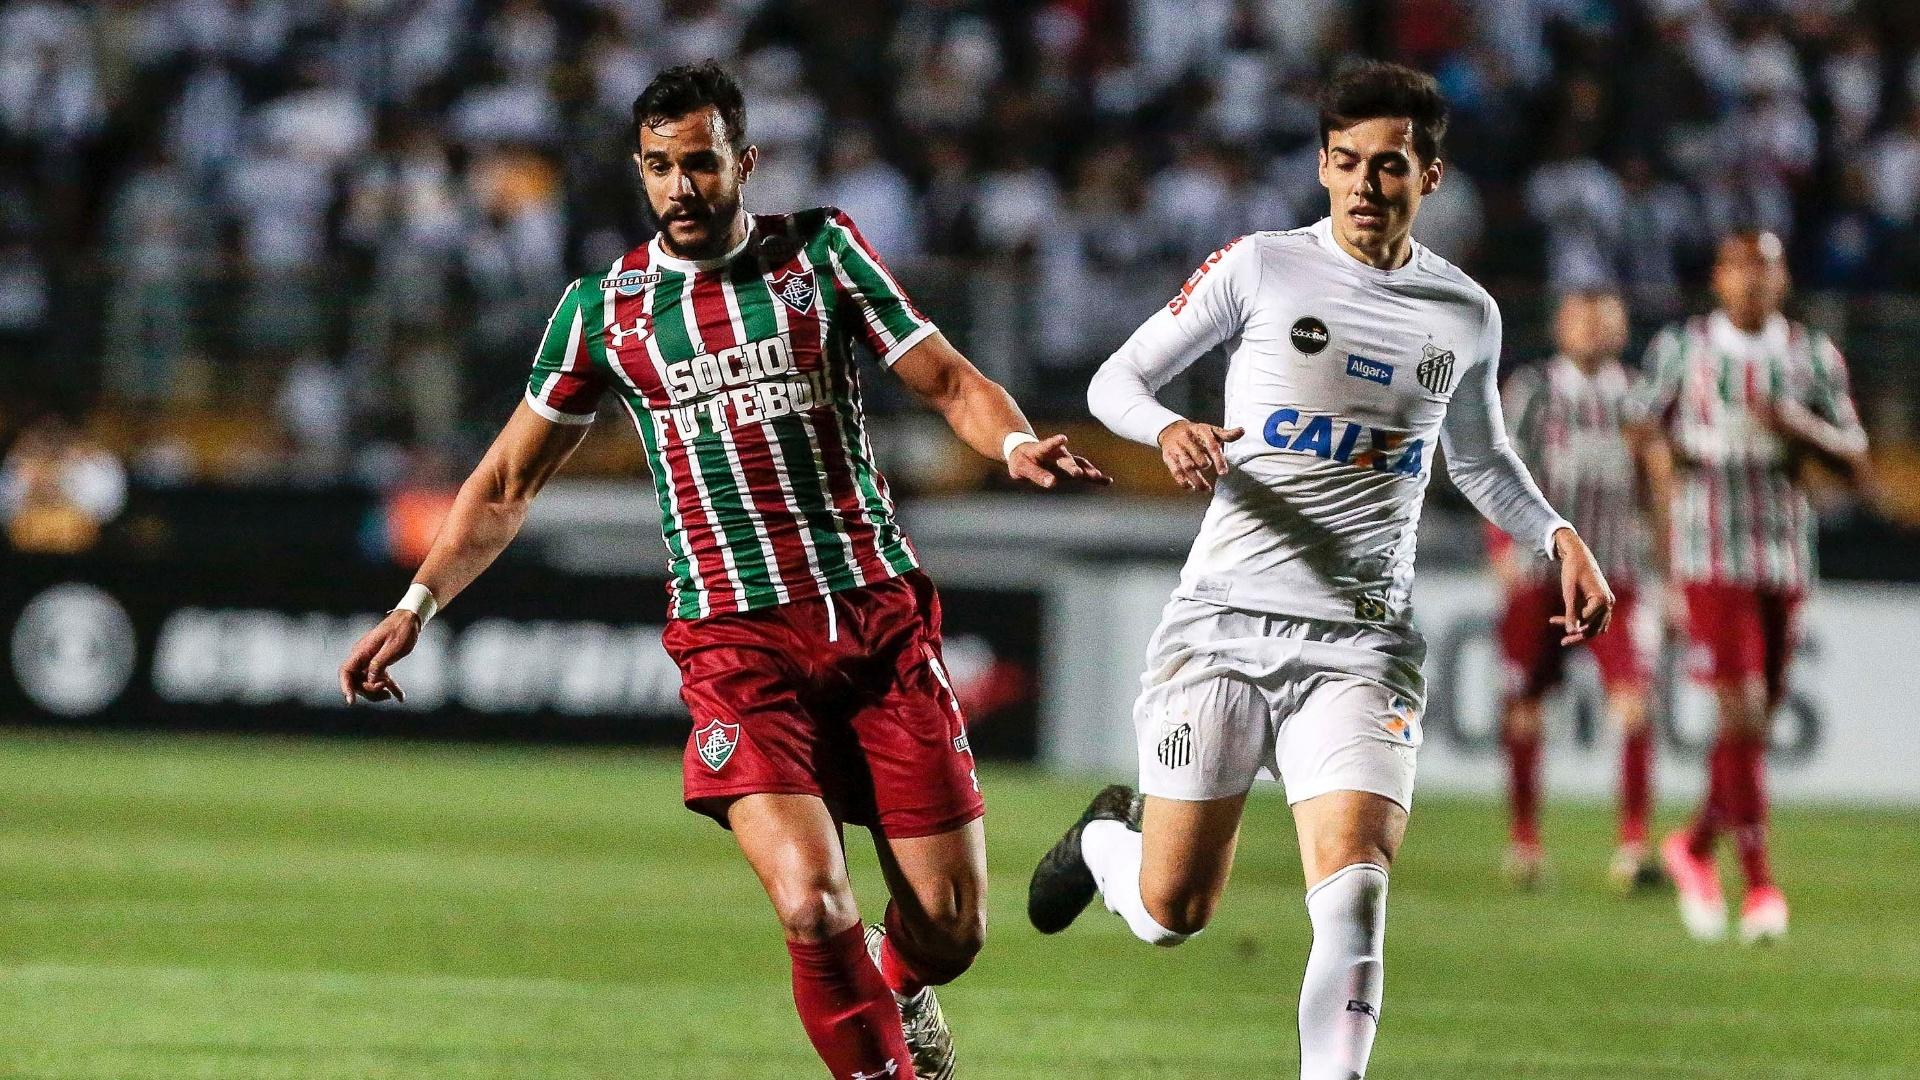 Citadini do Santos disputa lance com Henrique Dourado do Fluminense durante partida pelo Campeonato Brasileiro